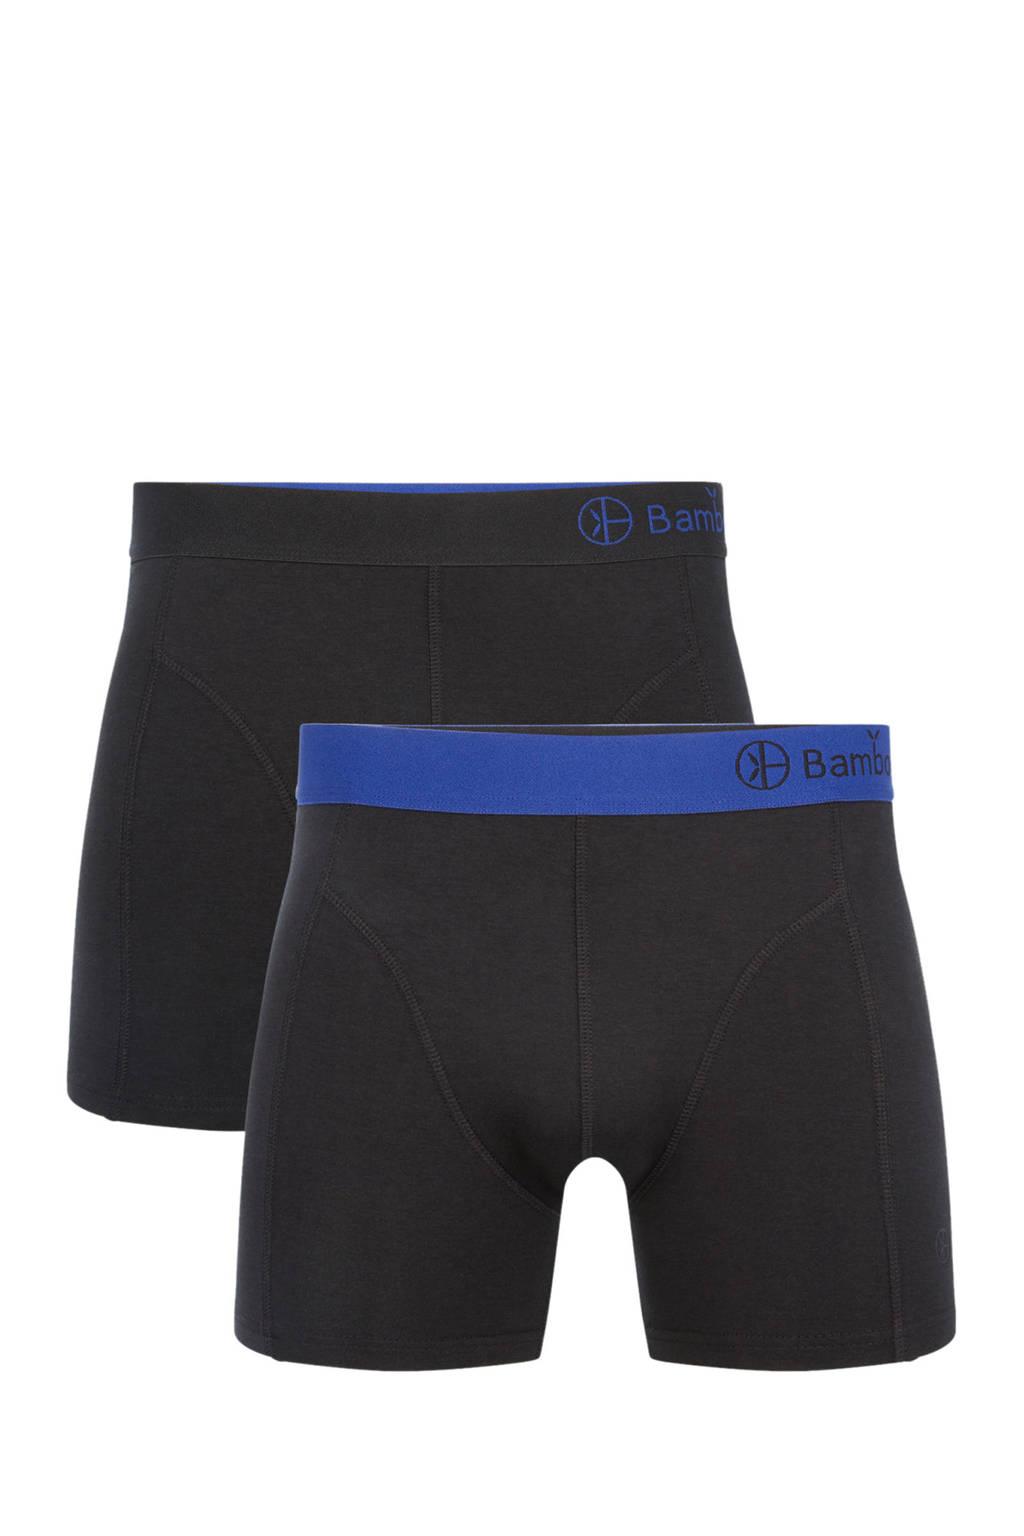 Bamboo Basics boxershort Levi met bamboe (set van 2), Zwart/blauw